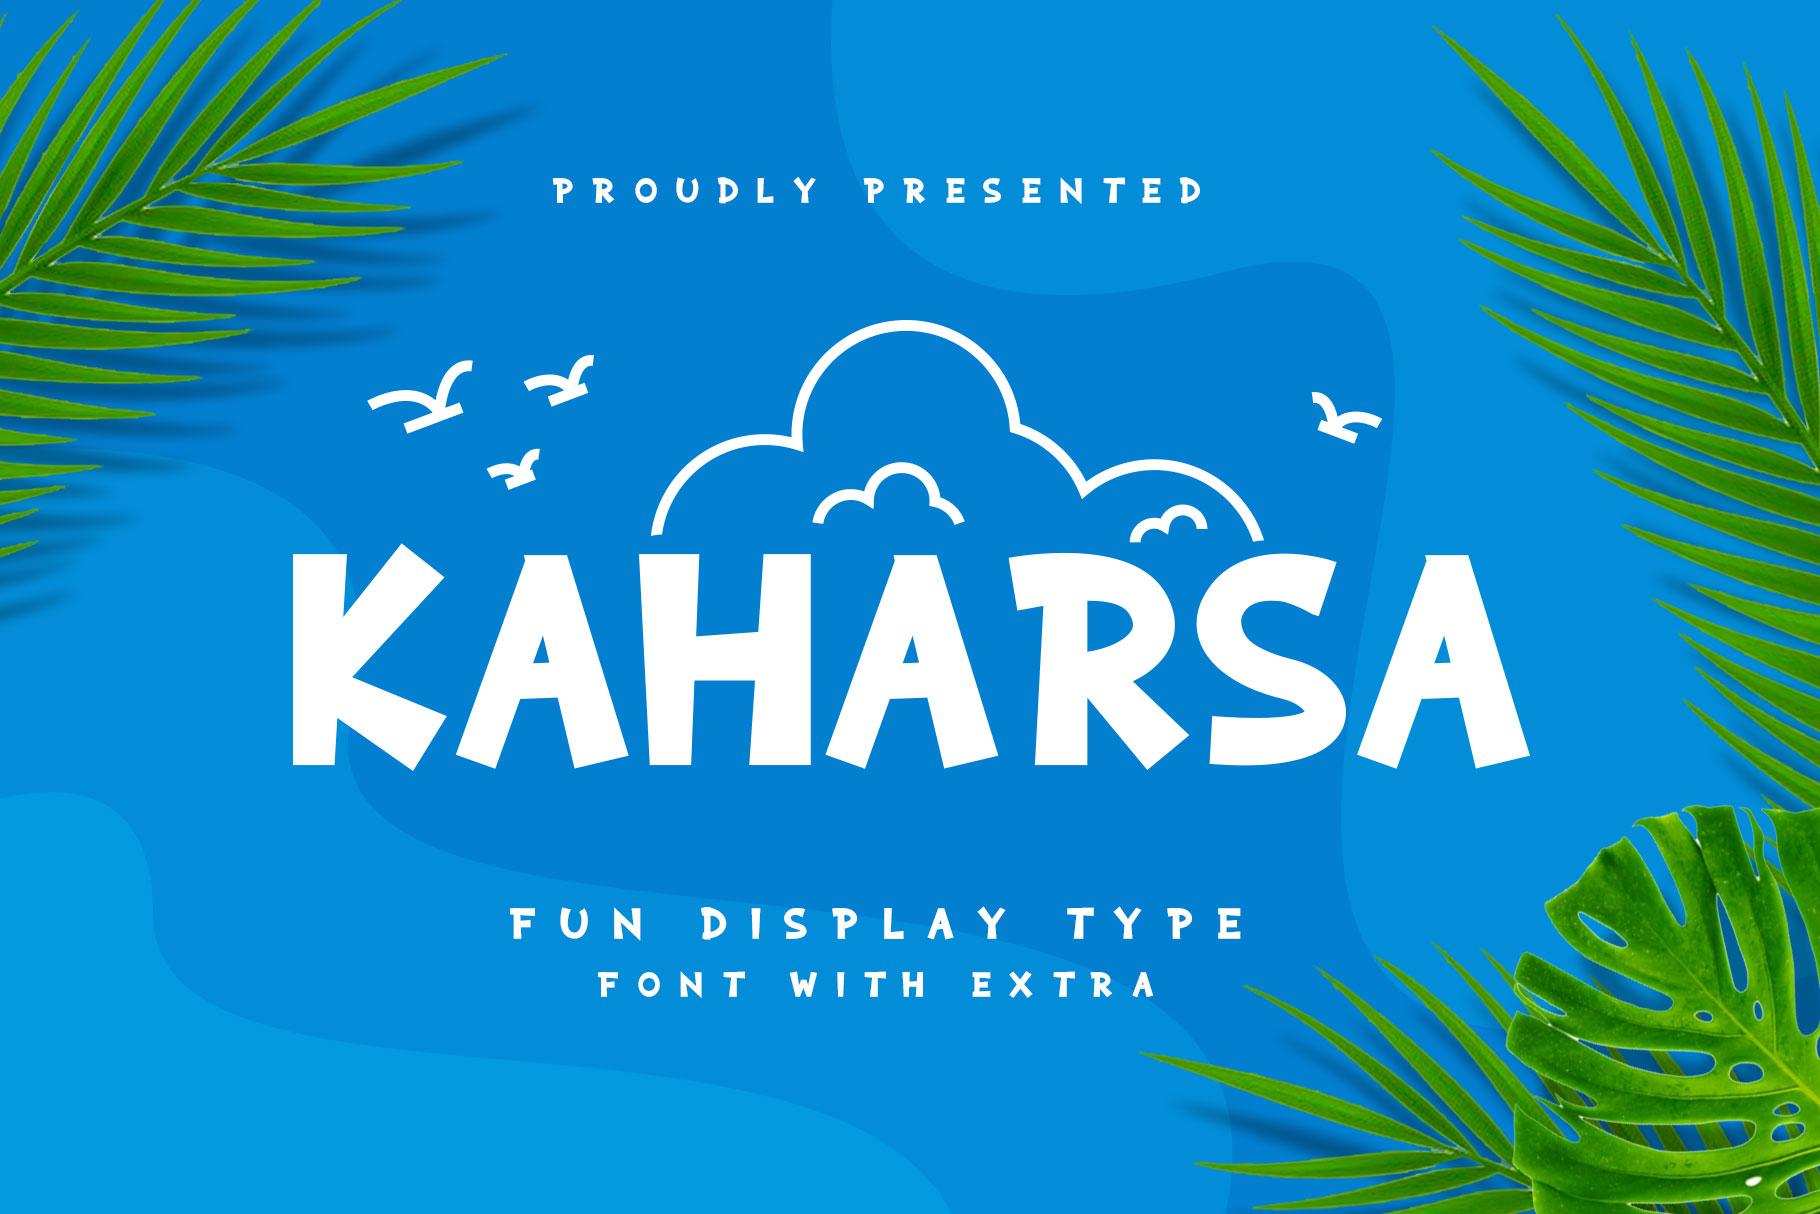 1-Kaharsa